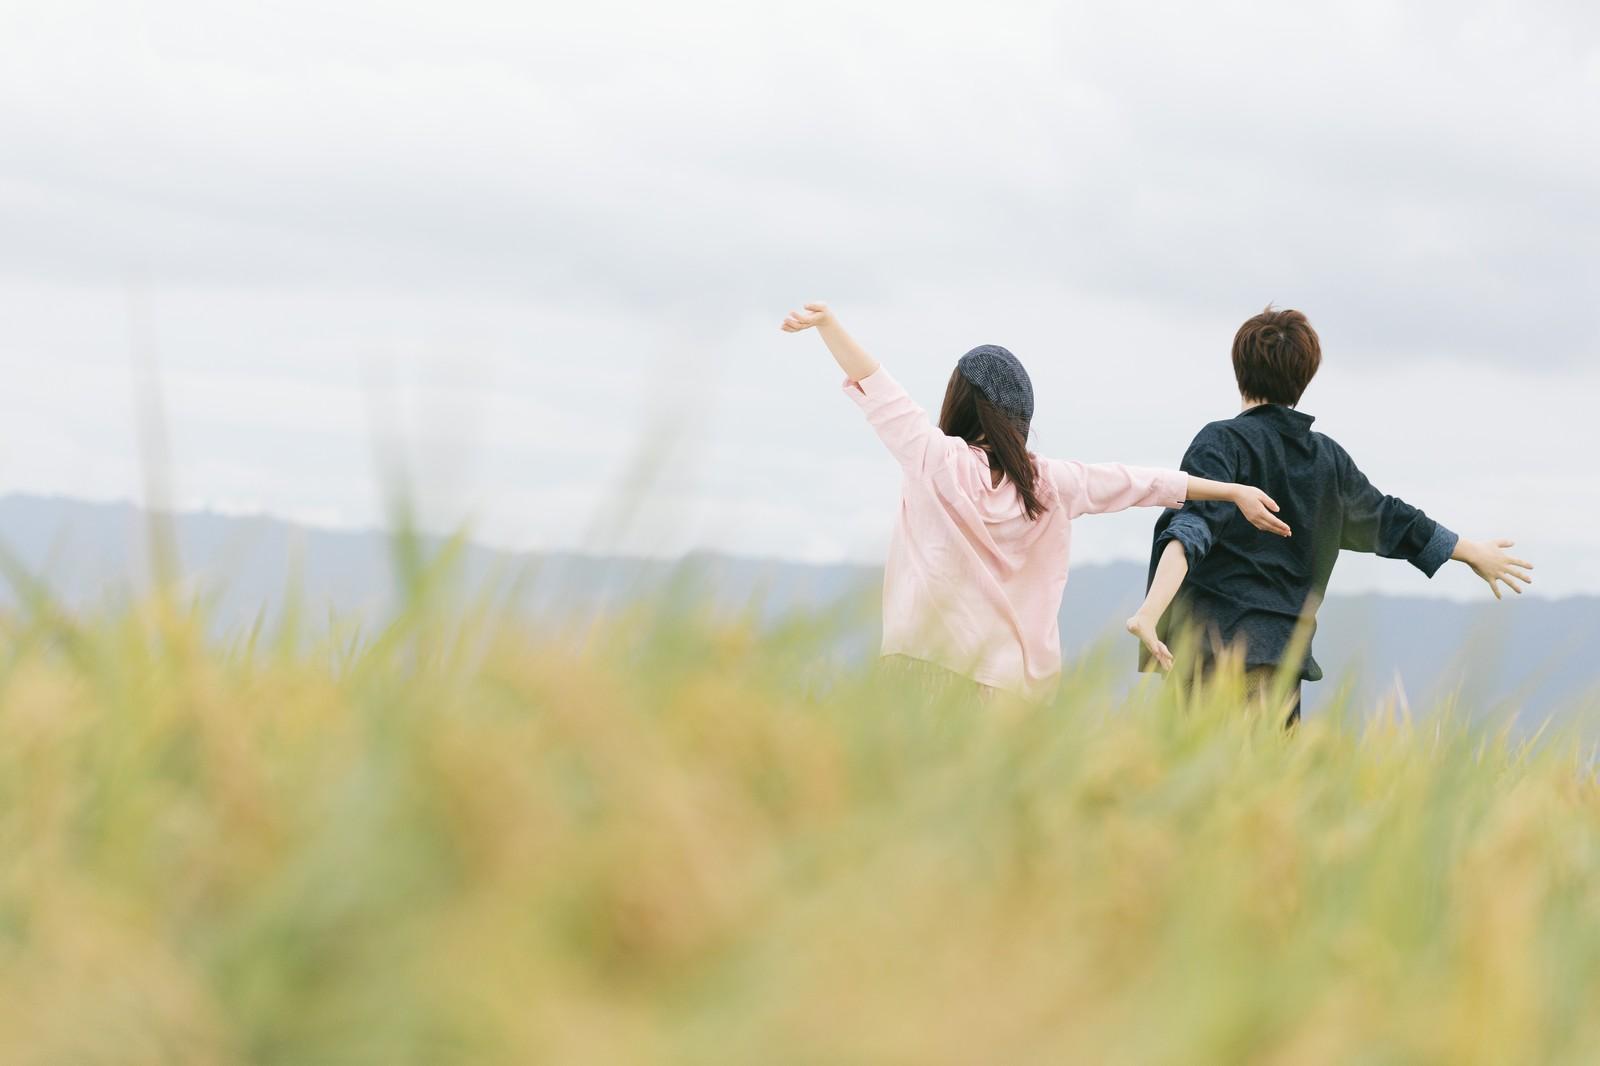 他人と誰かと一緒に暮らしたくない…一緒に暮らすことってそもそも必要?